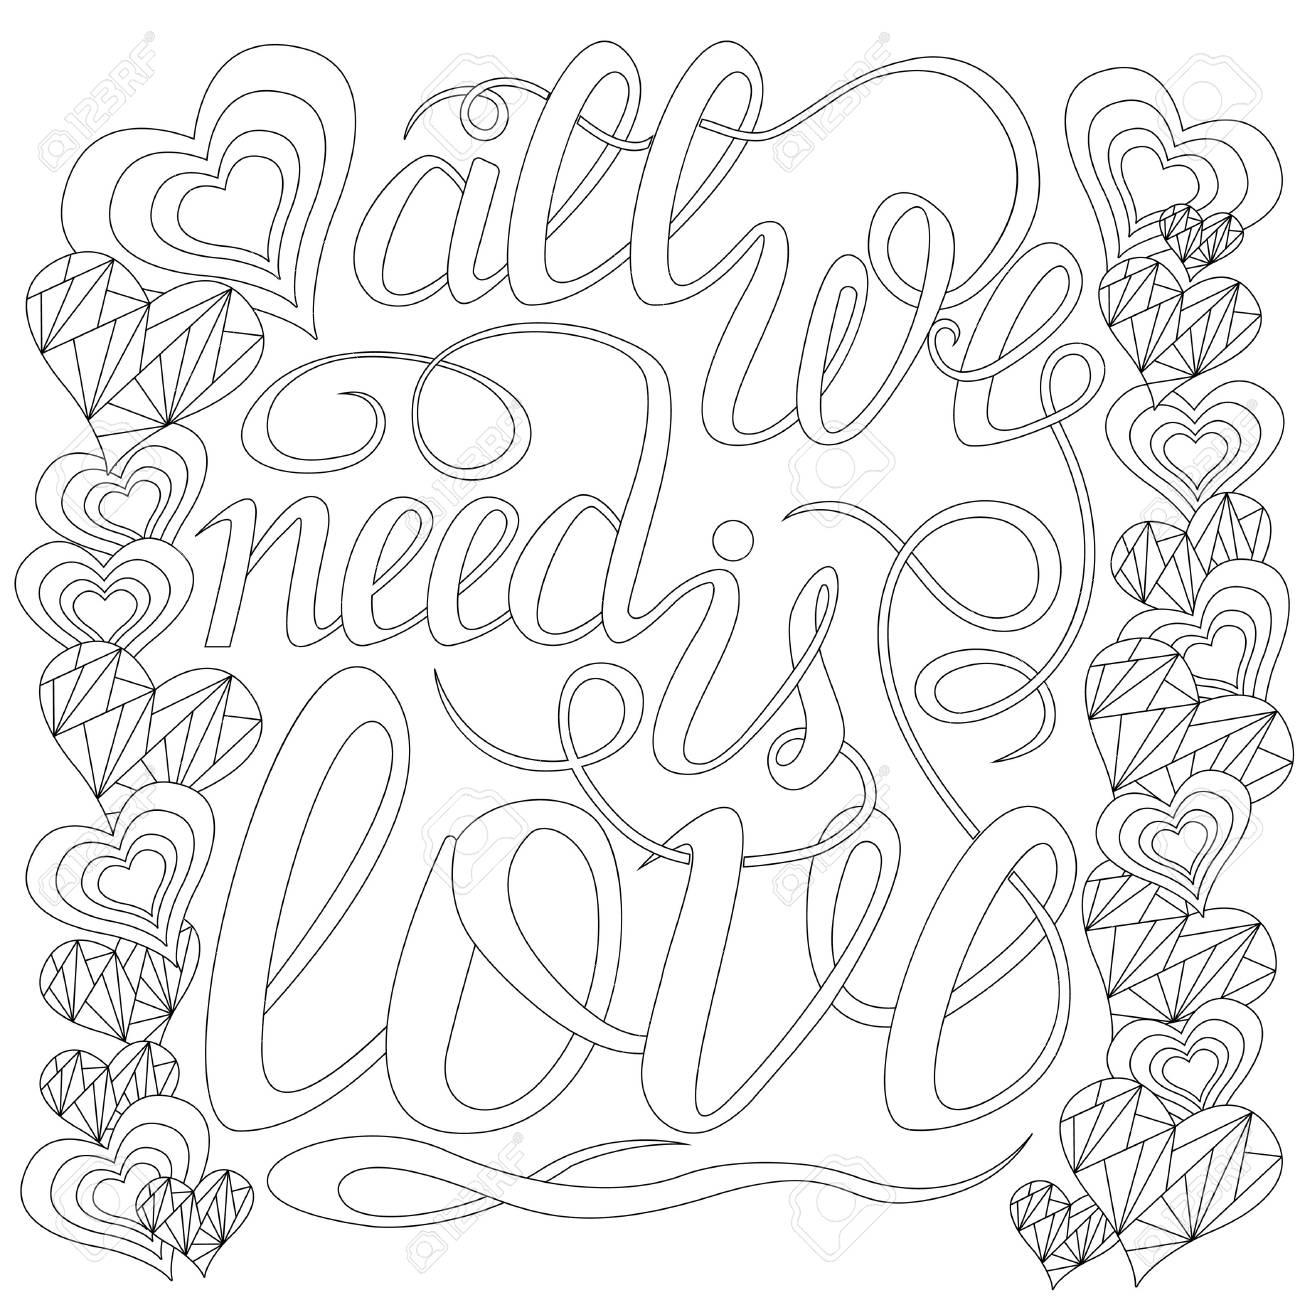 Lettering Always Elementos De Design Para Livro De Colorir Adulto Estrutura De Tópicos Ilustração Vetorial